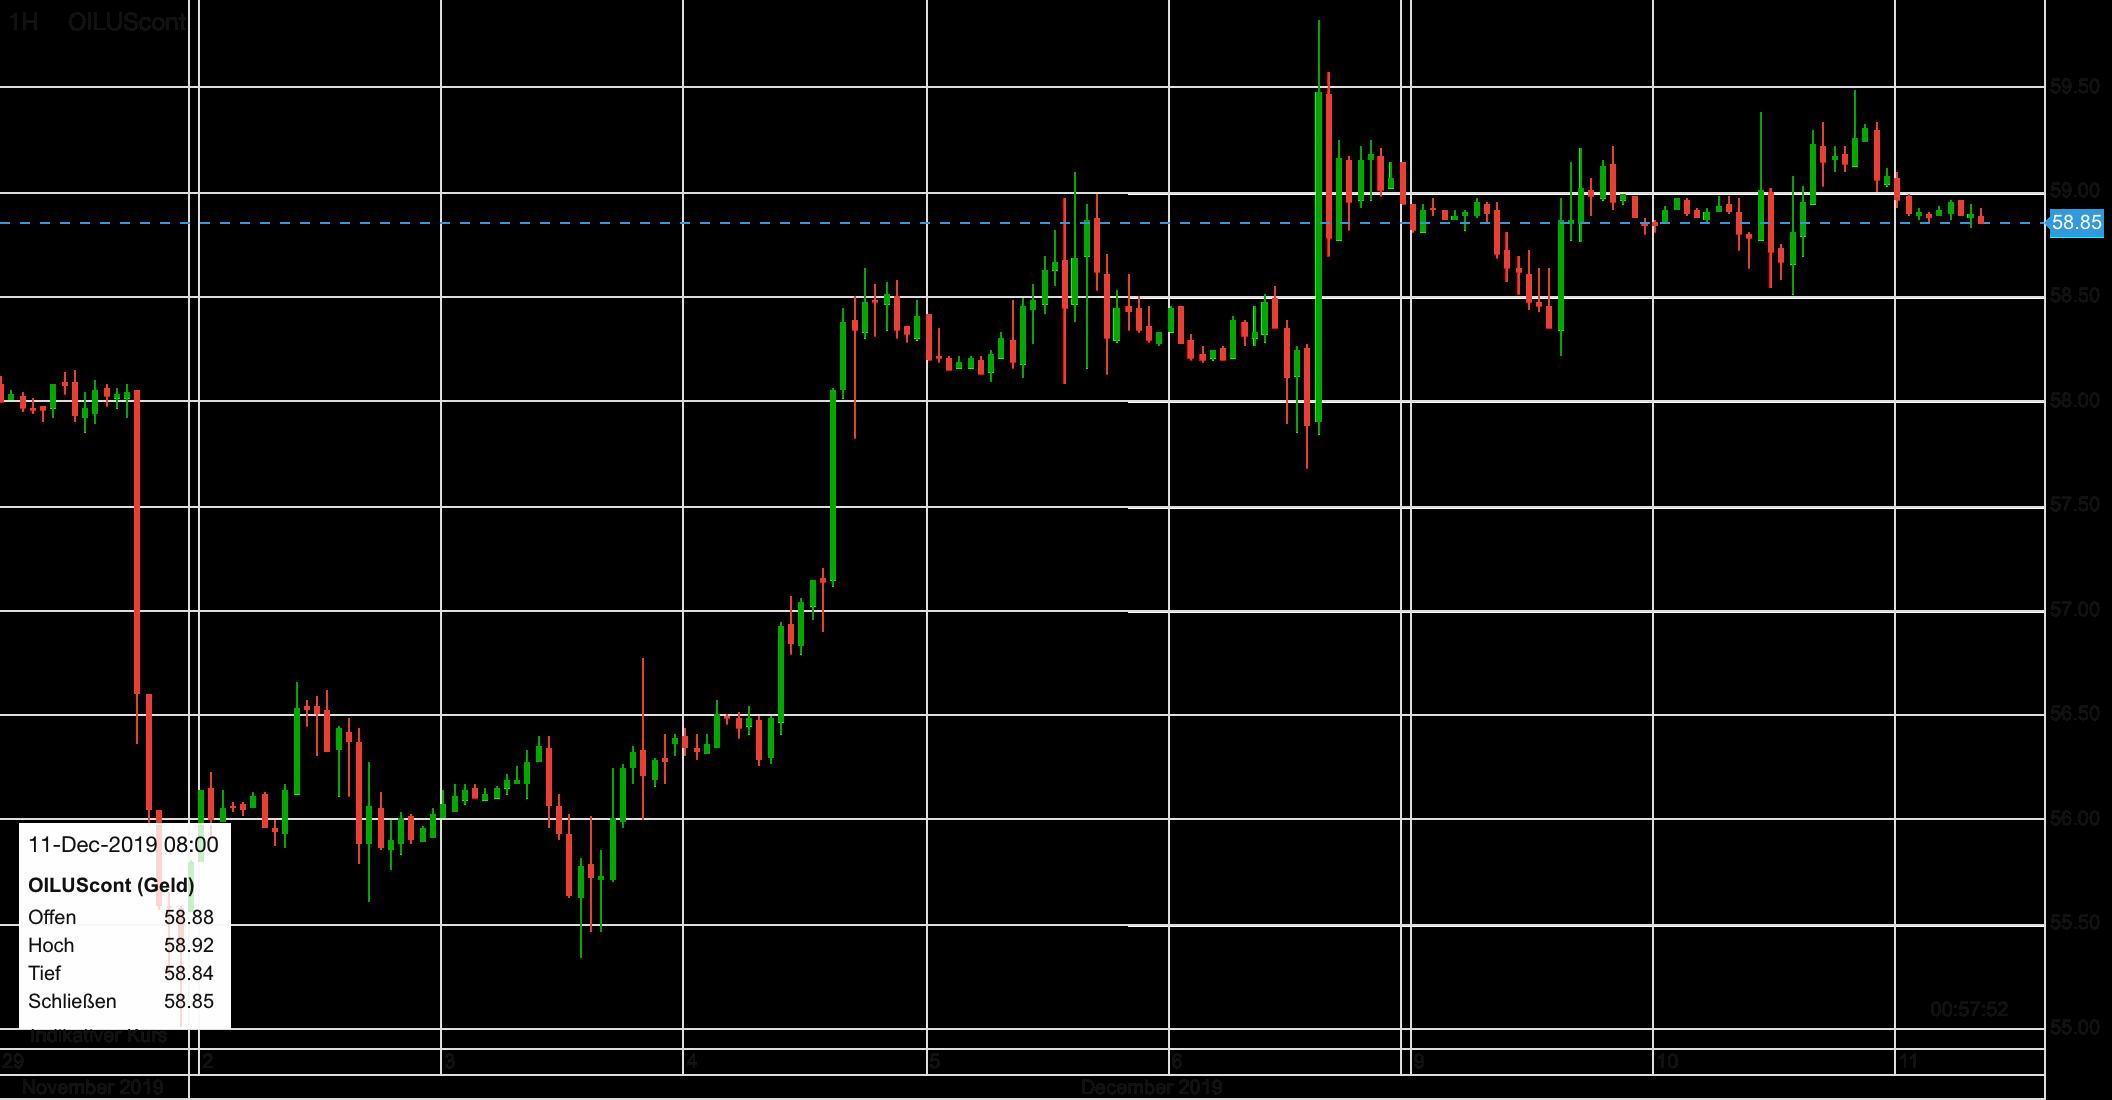 Der WTI-Ölpreis im Verlauf der letzten zehn Tage